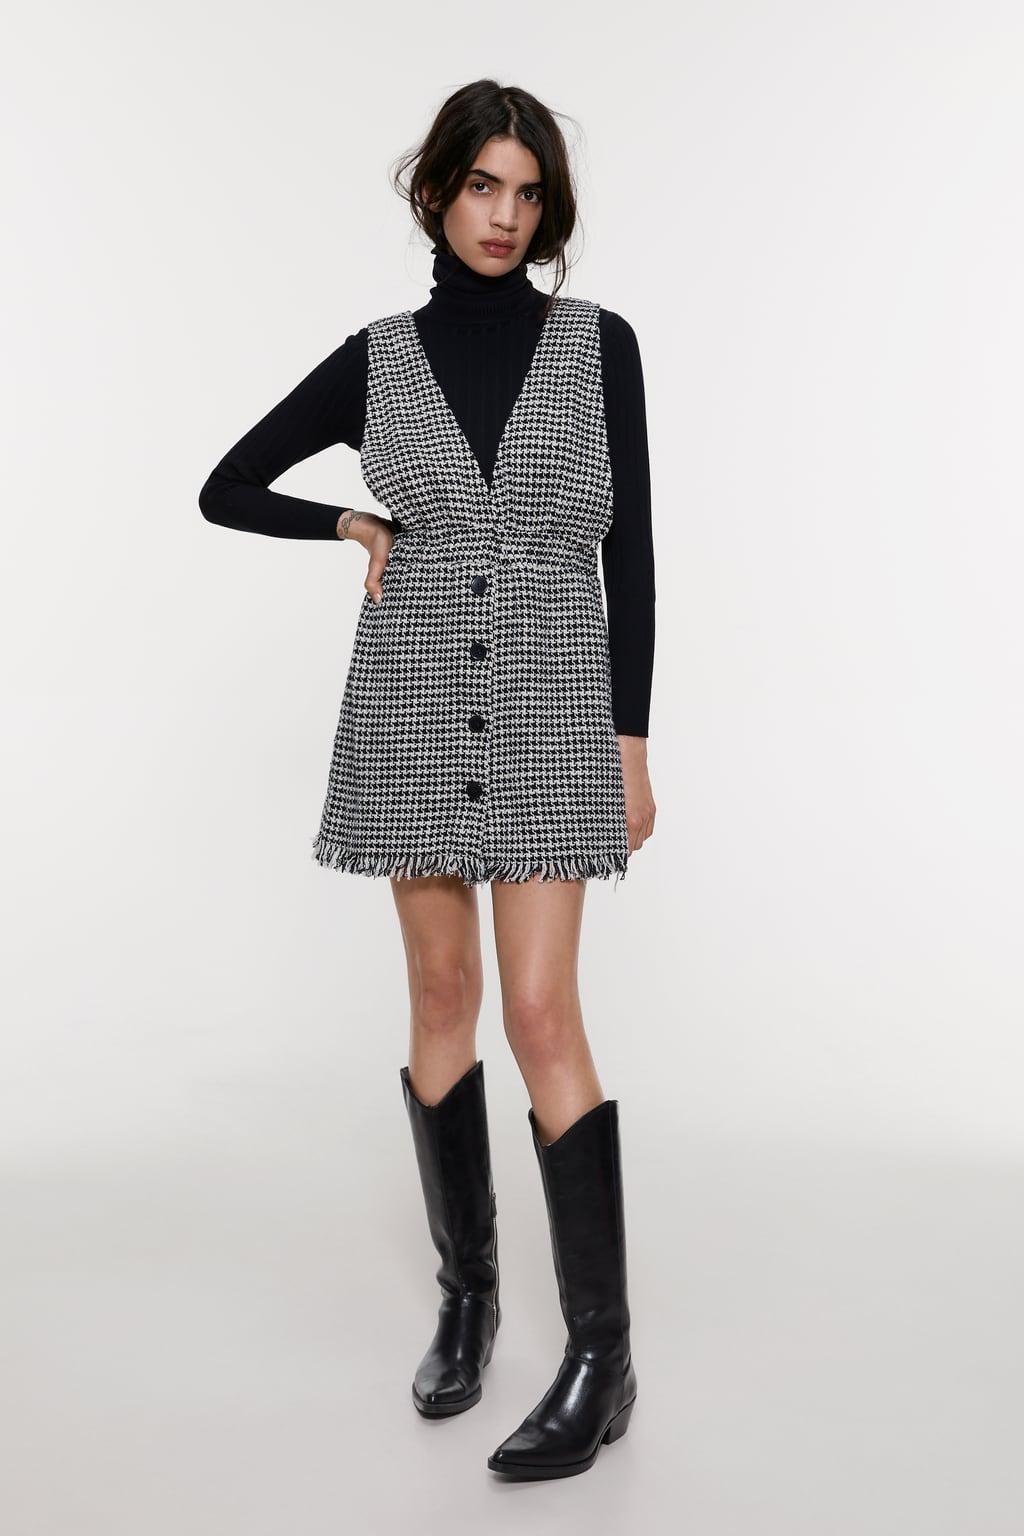 Zara haljina od tvida, 229,90 kuna